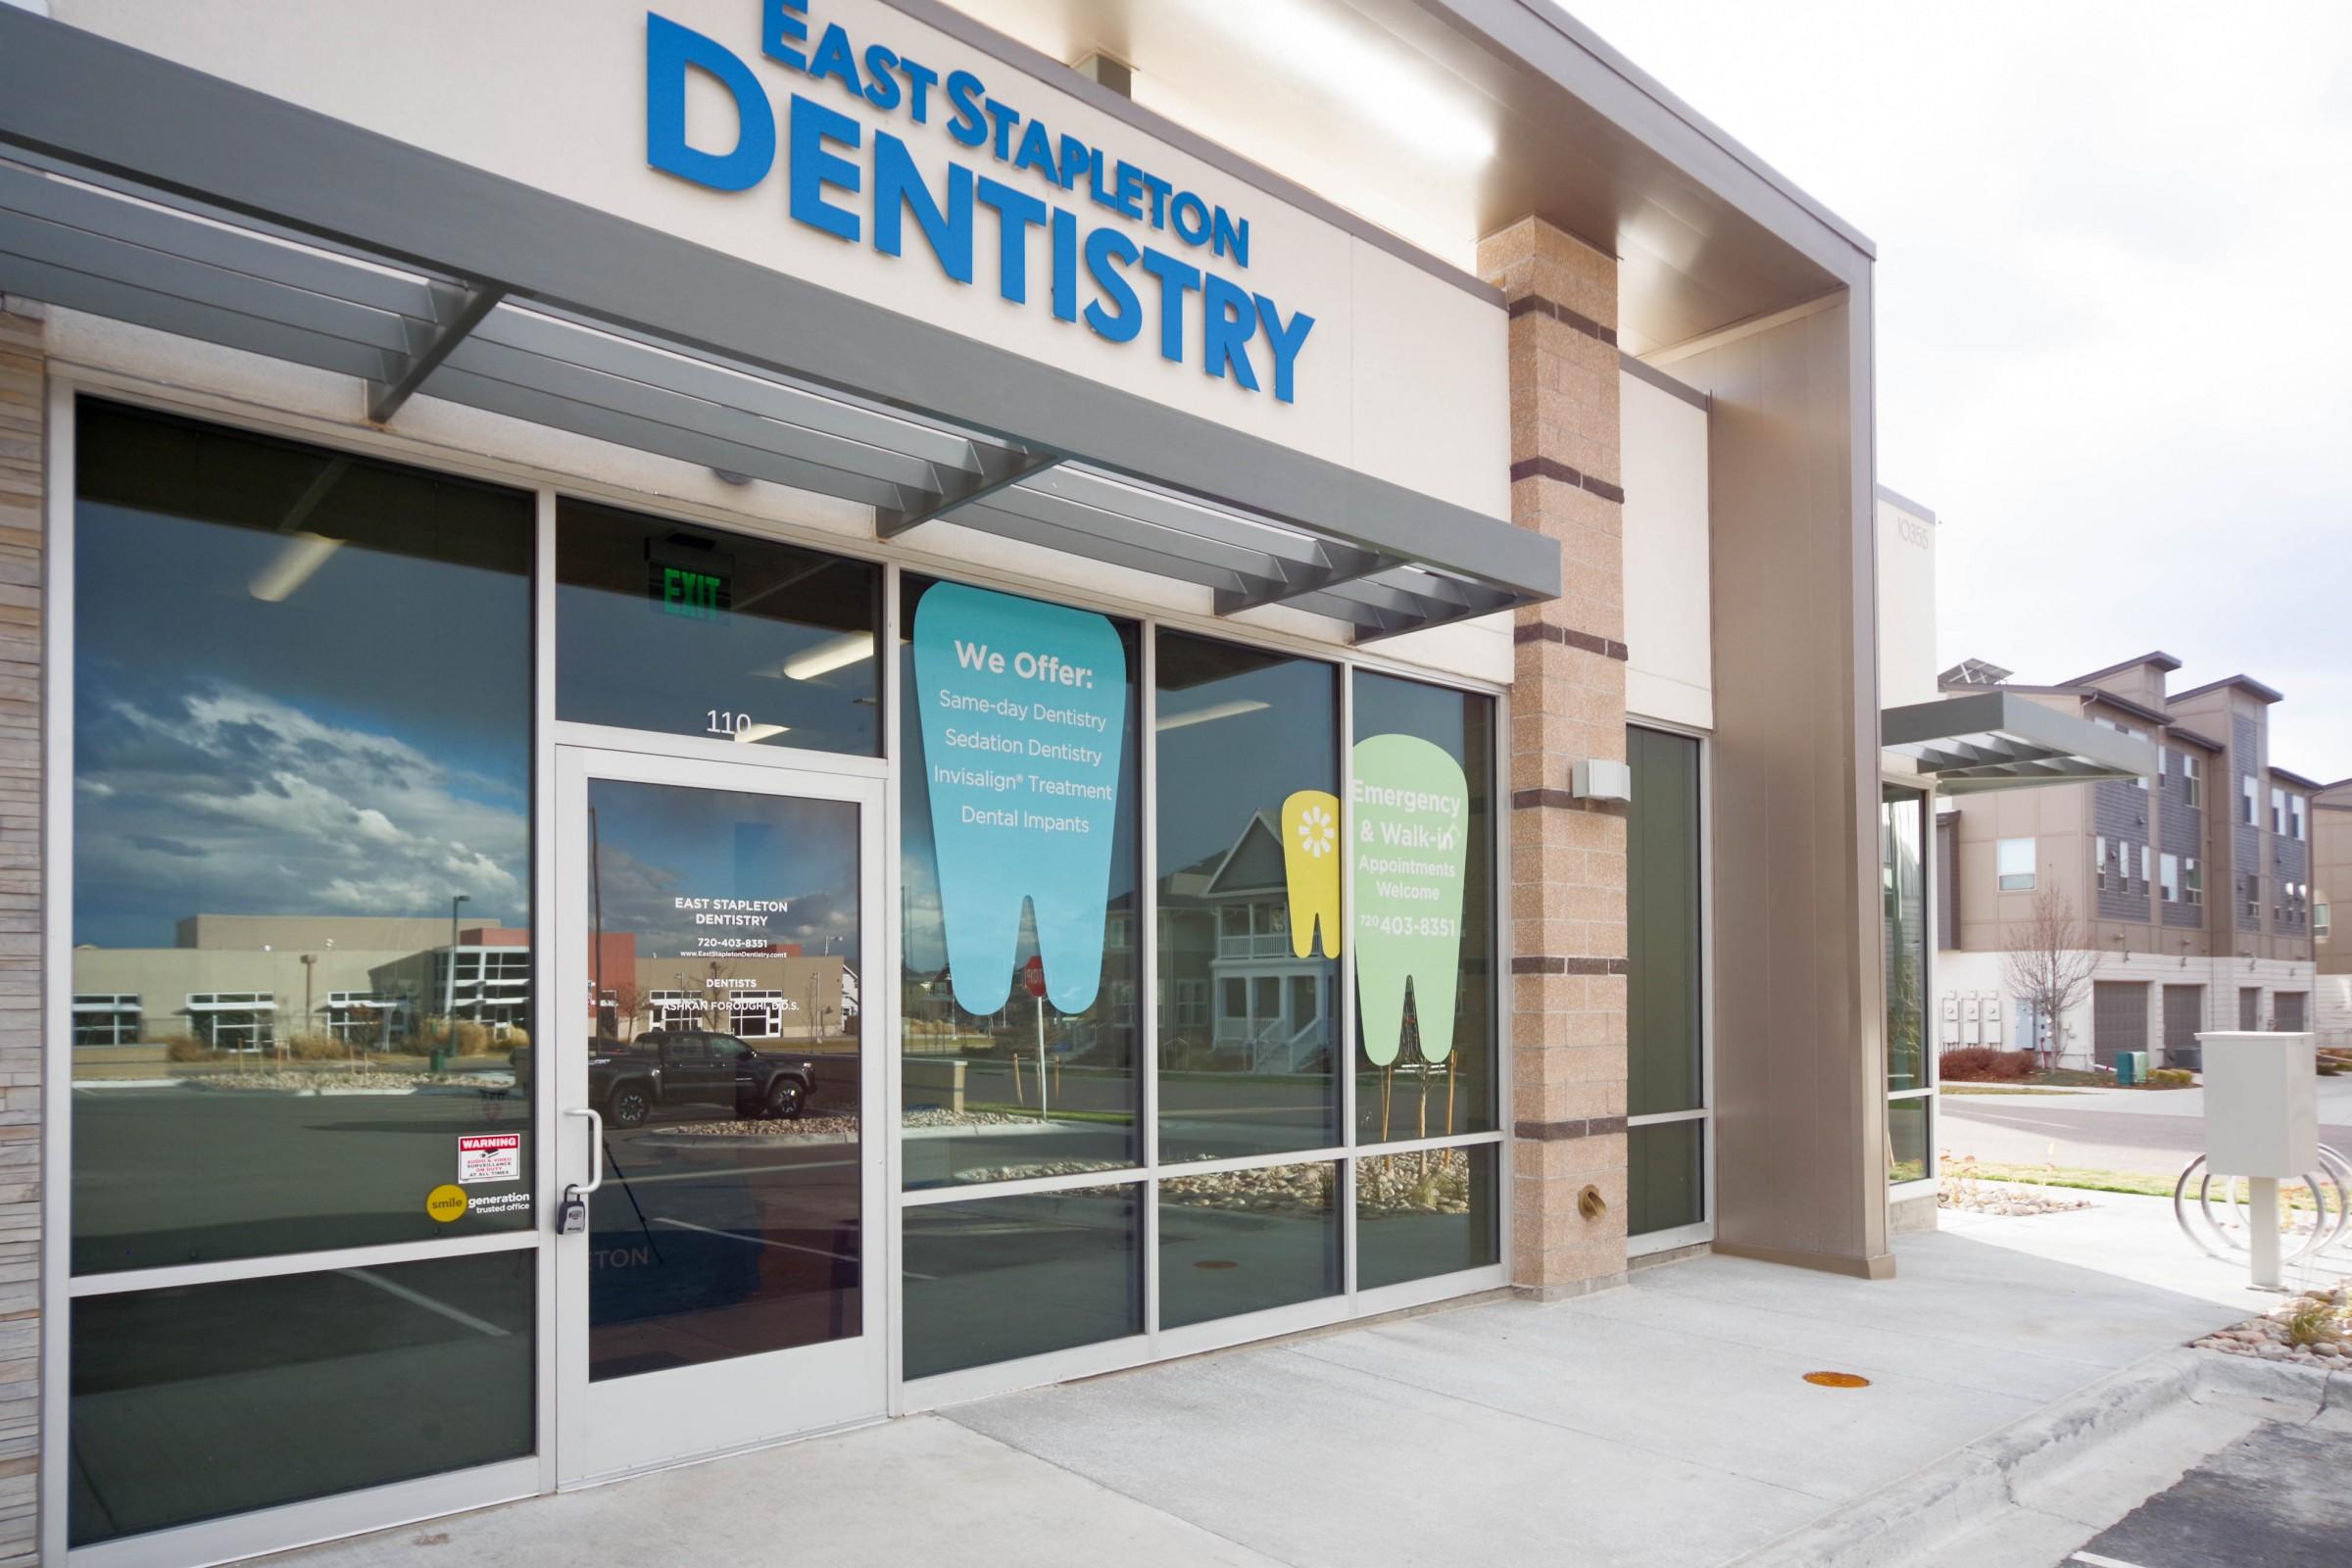 East Stapleton Dentistry image 0